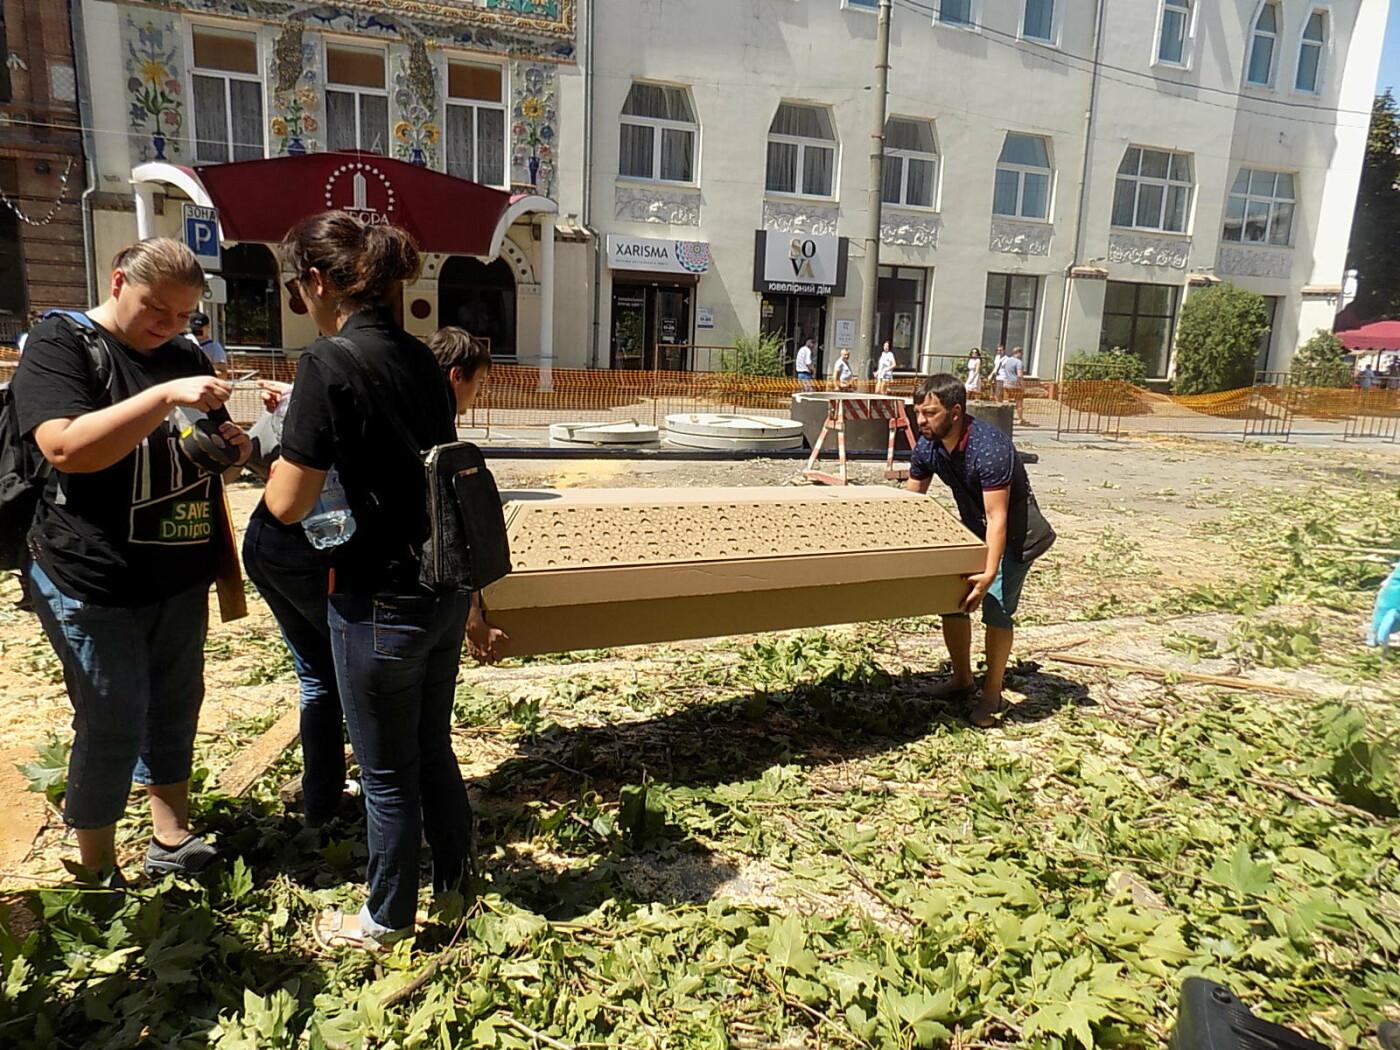 В Днепре провели «похороны» деревьев с Короленко: последние деревья срубили, пока город спал, - ФОТО, фото-9